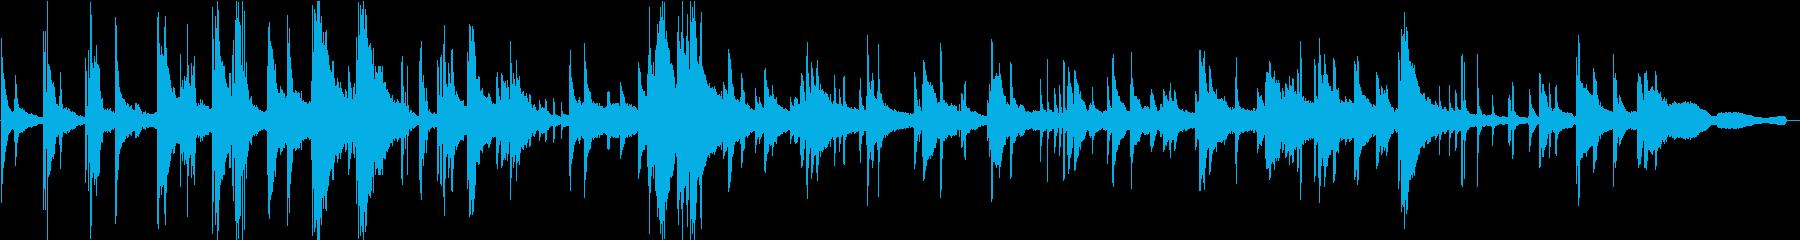 ヒーリングピアノ組曲 ただよう 8の再生済みの波形